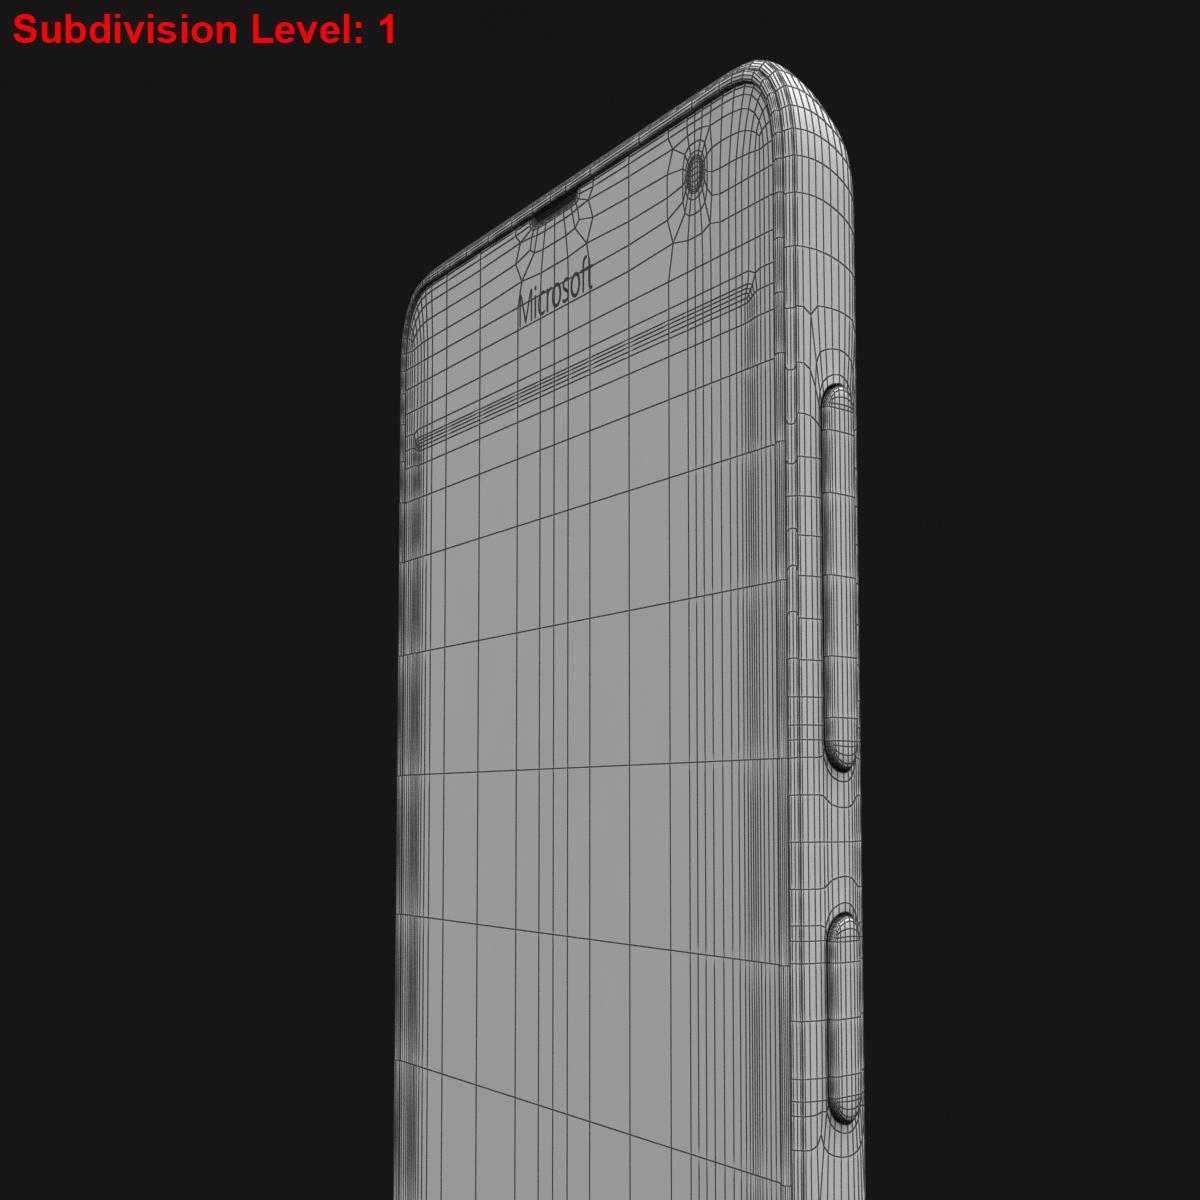 microsoft lumia 535 and dual sim all colors 3d model 3ds max fbx c4d obj 204712